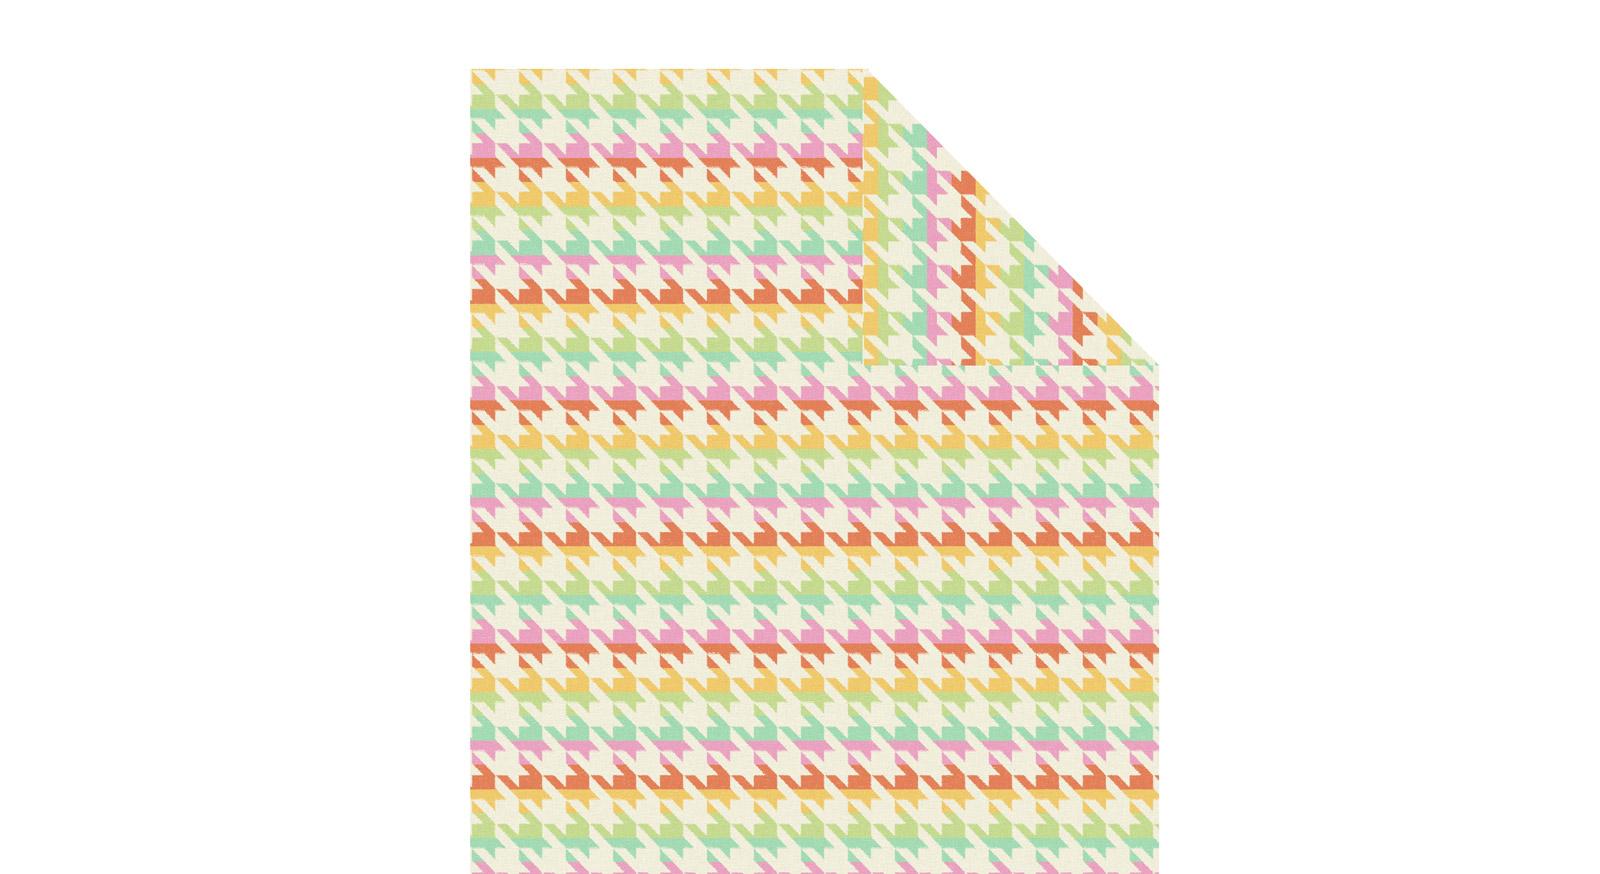 Verspielte Bio-Kuscheldecke Colourful durch Jacquard-Webtechnik